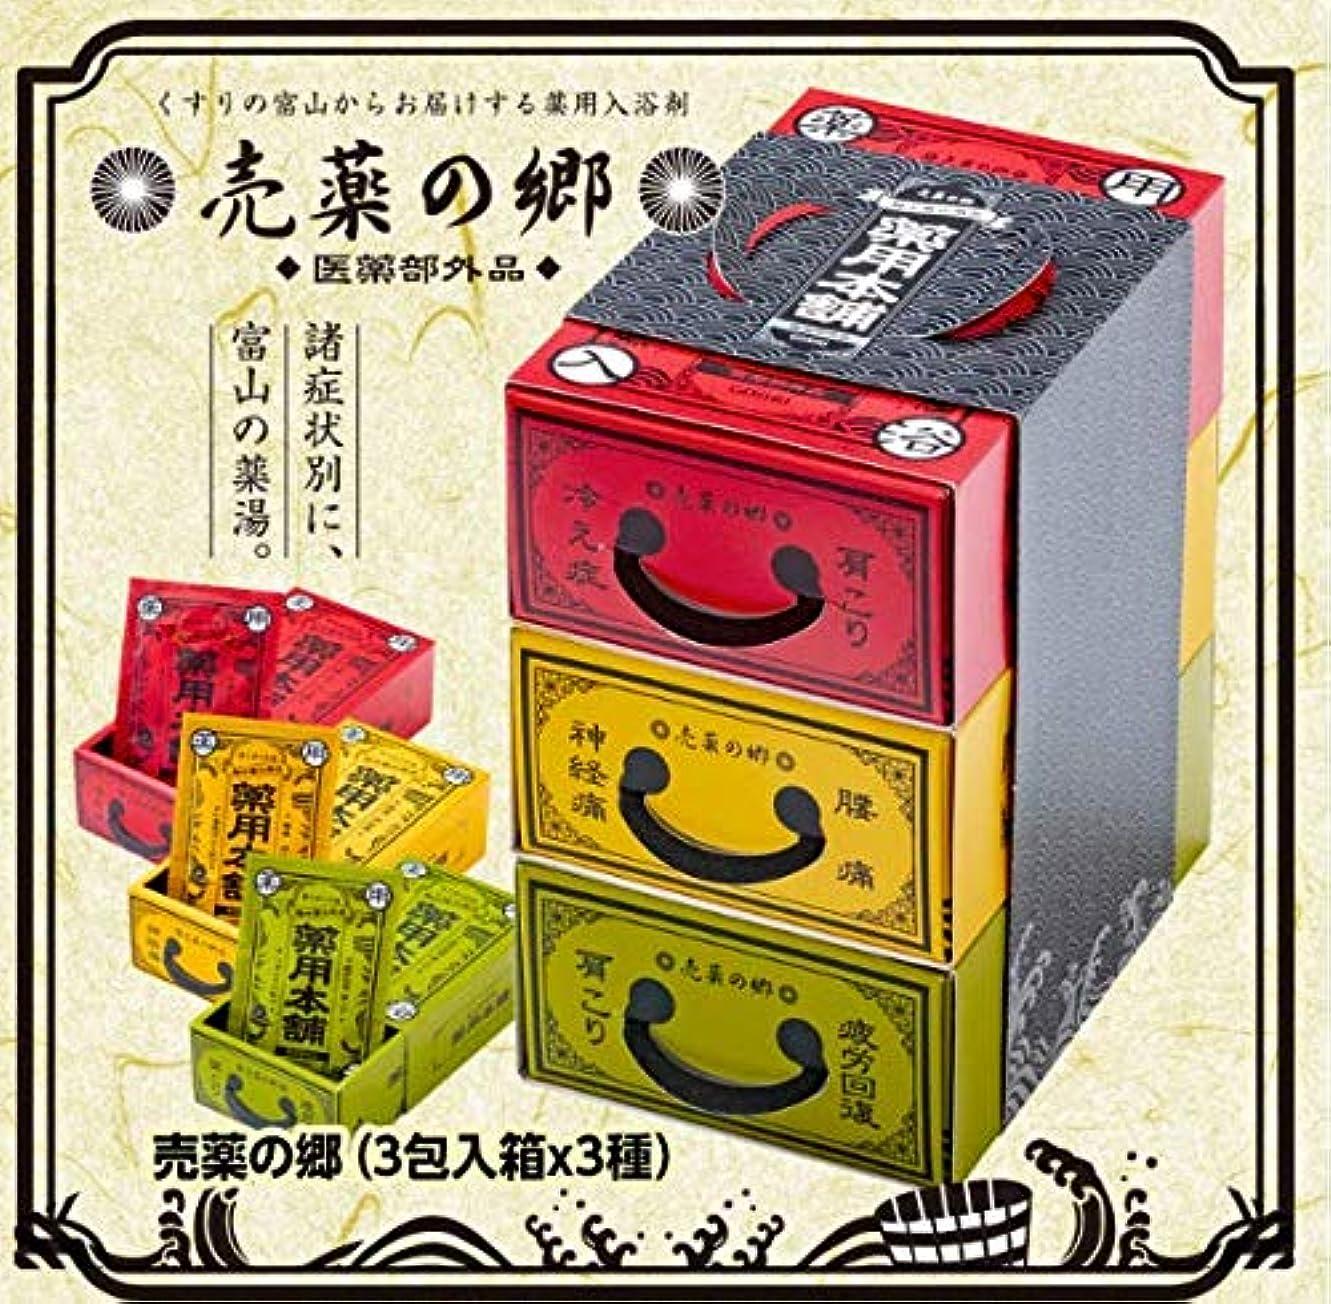 つば会計士丁寧五洲薬品 売薬の郷 薬用本舗 3箱セット BYS-G3